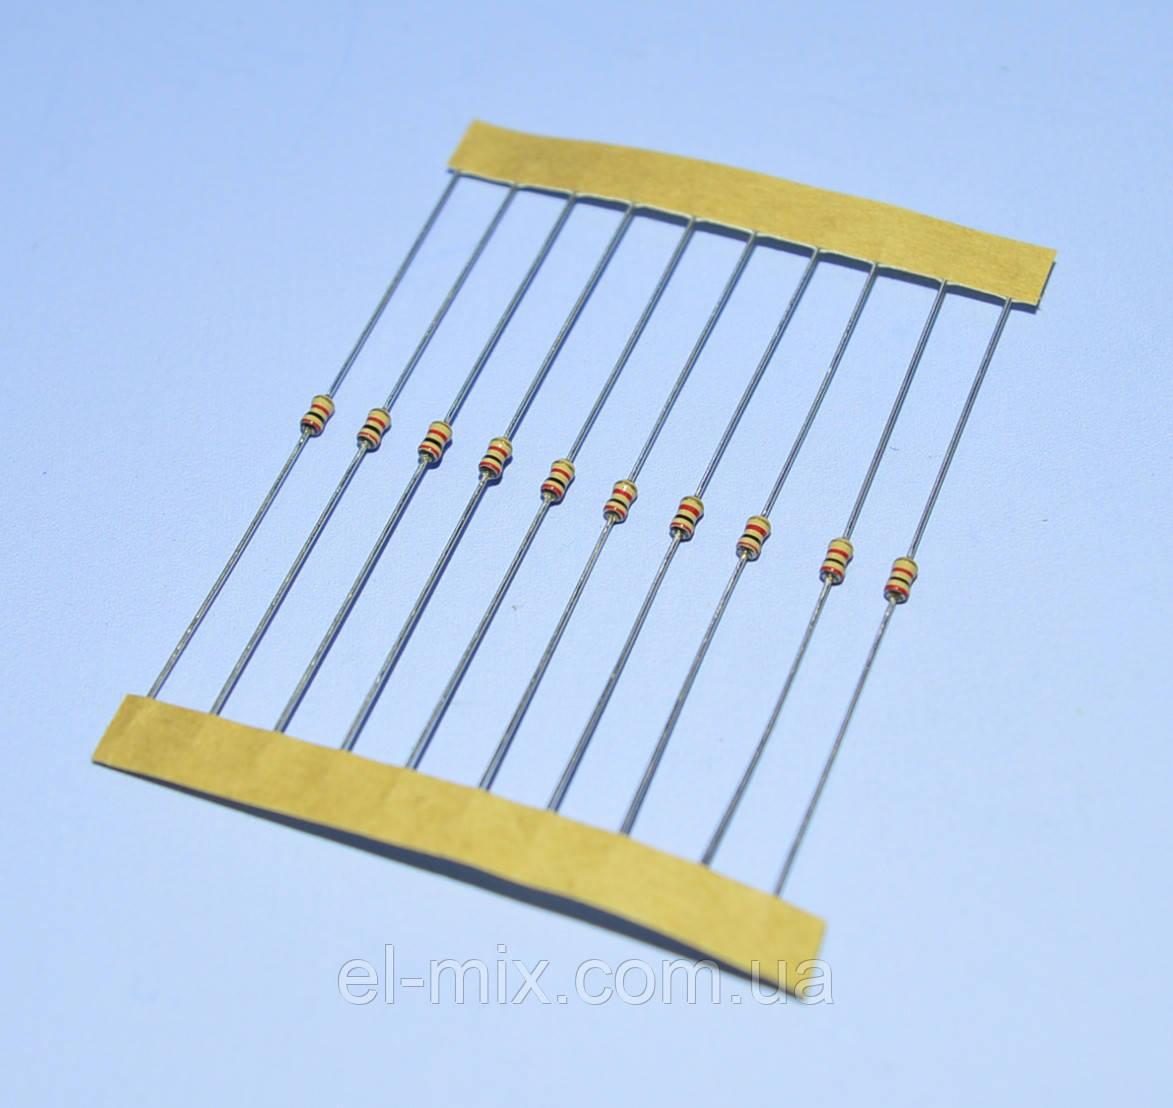 Резистор  0,125Вт  300 Om 5% CFR (1,9х3,5мм), лента  Royal Ohm